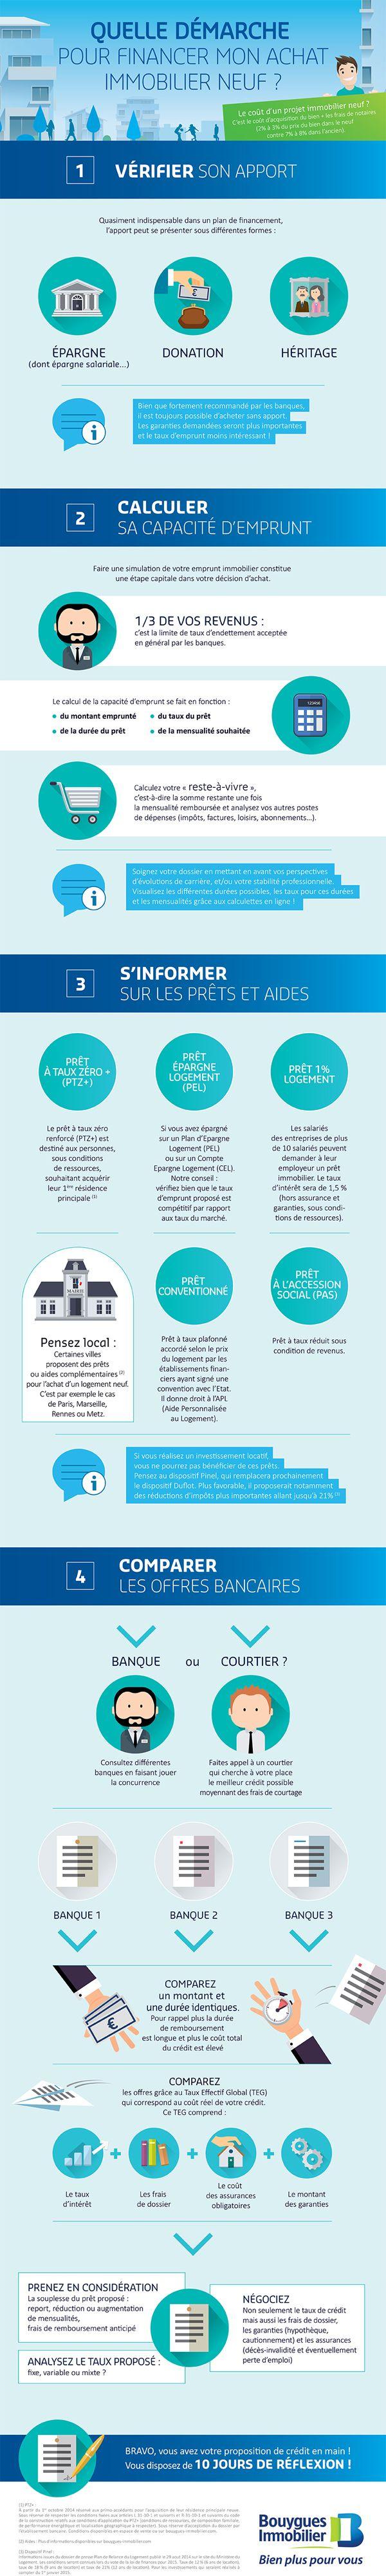 Infographie de la loi duflot au dispositif pinel for Loi achat immobilier neuf